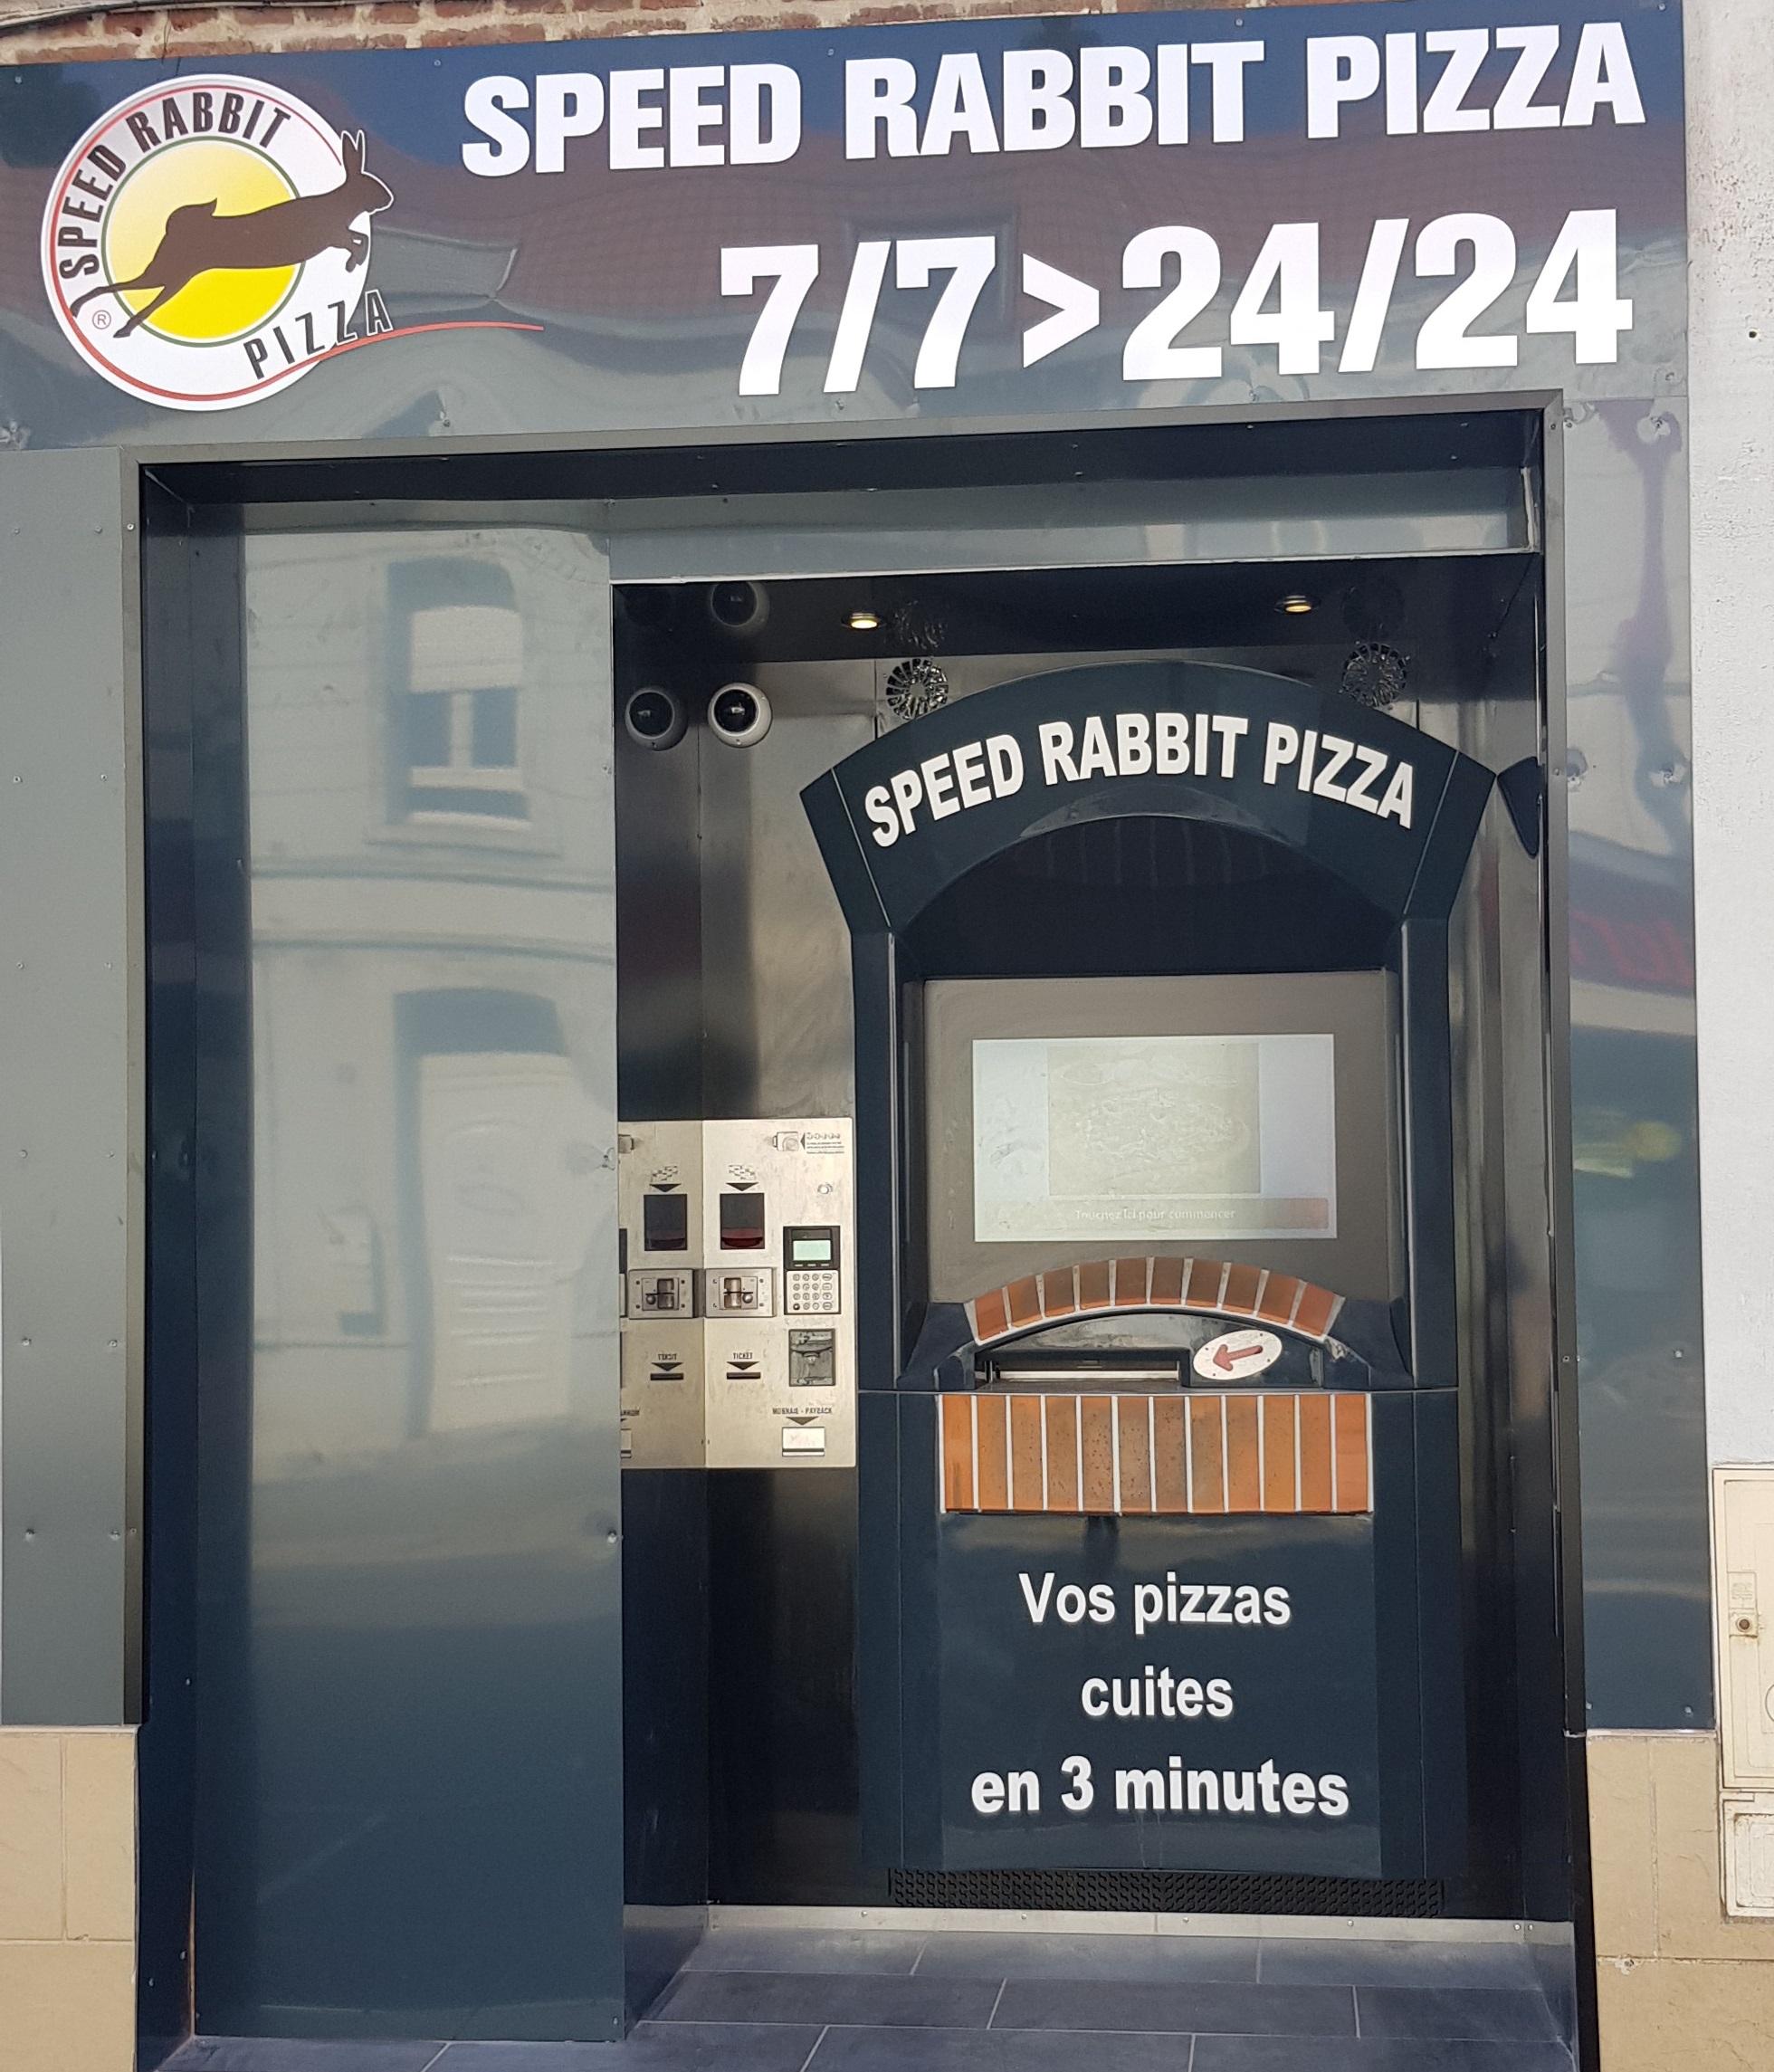 Distributeur Speed Rabbit Pizza à Vitry en Artois (62) !